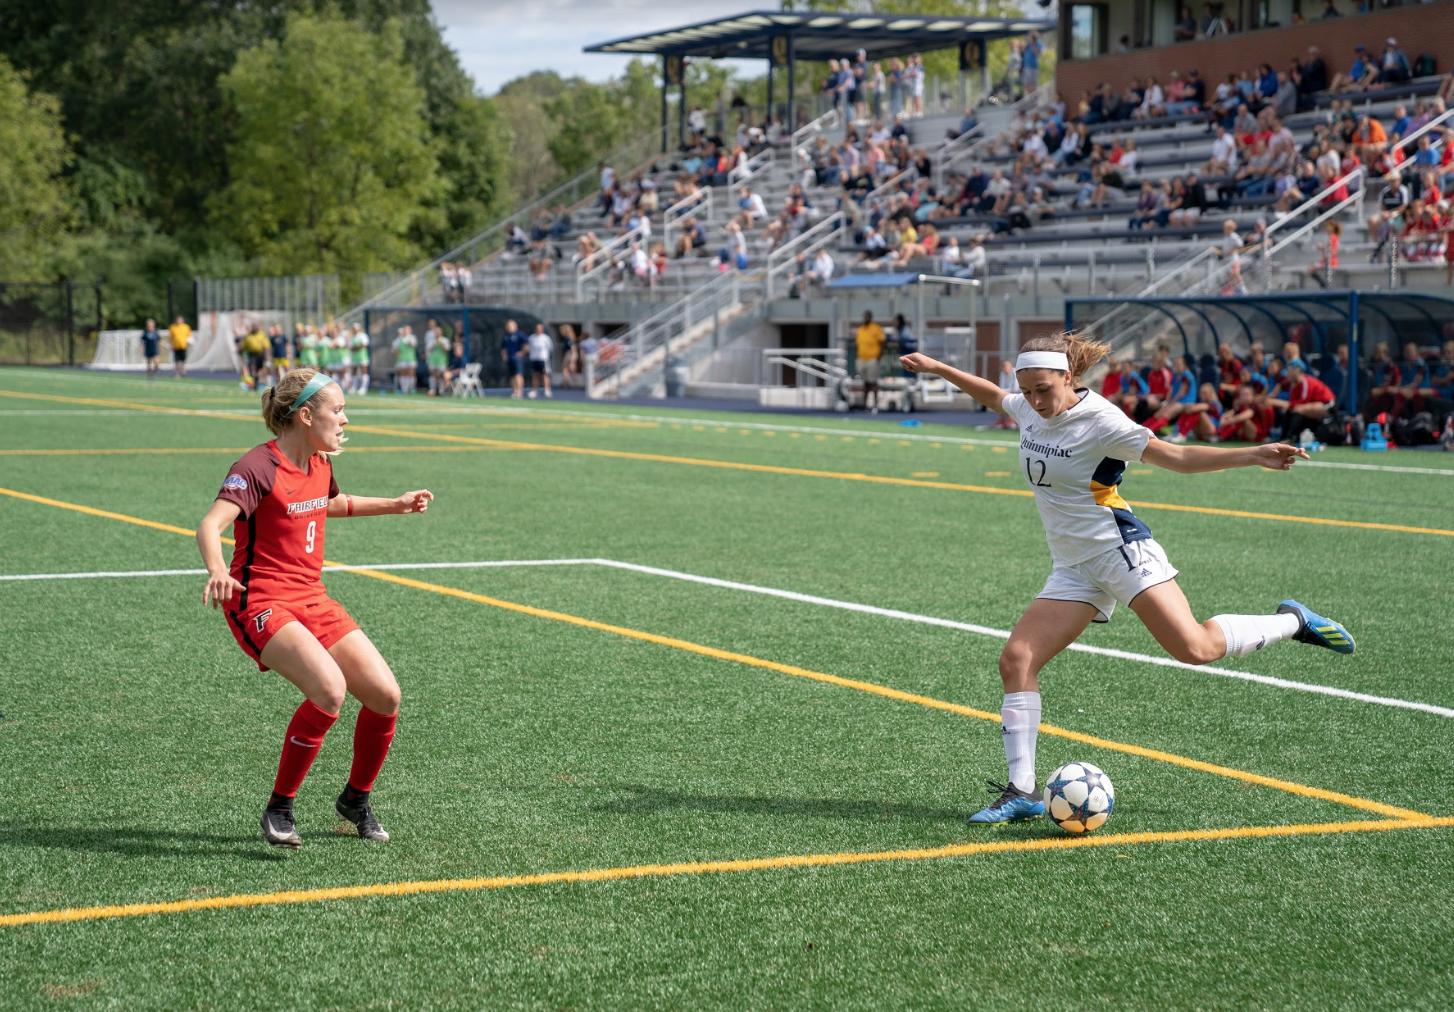 Quinnipiac women's soccer dominant in win over Fairfield